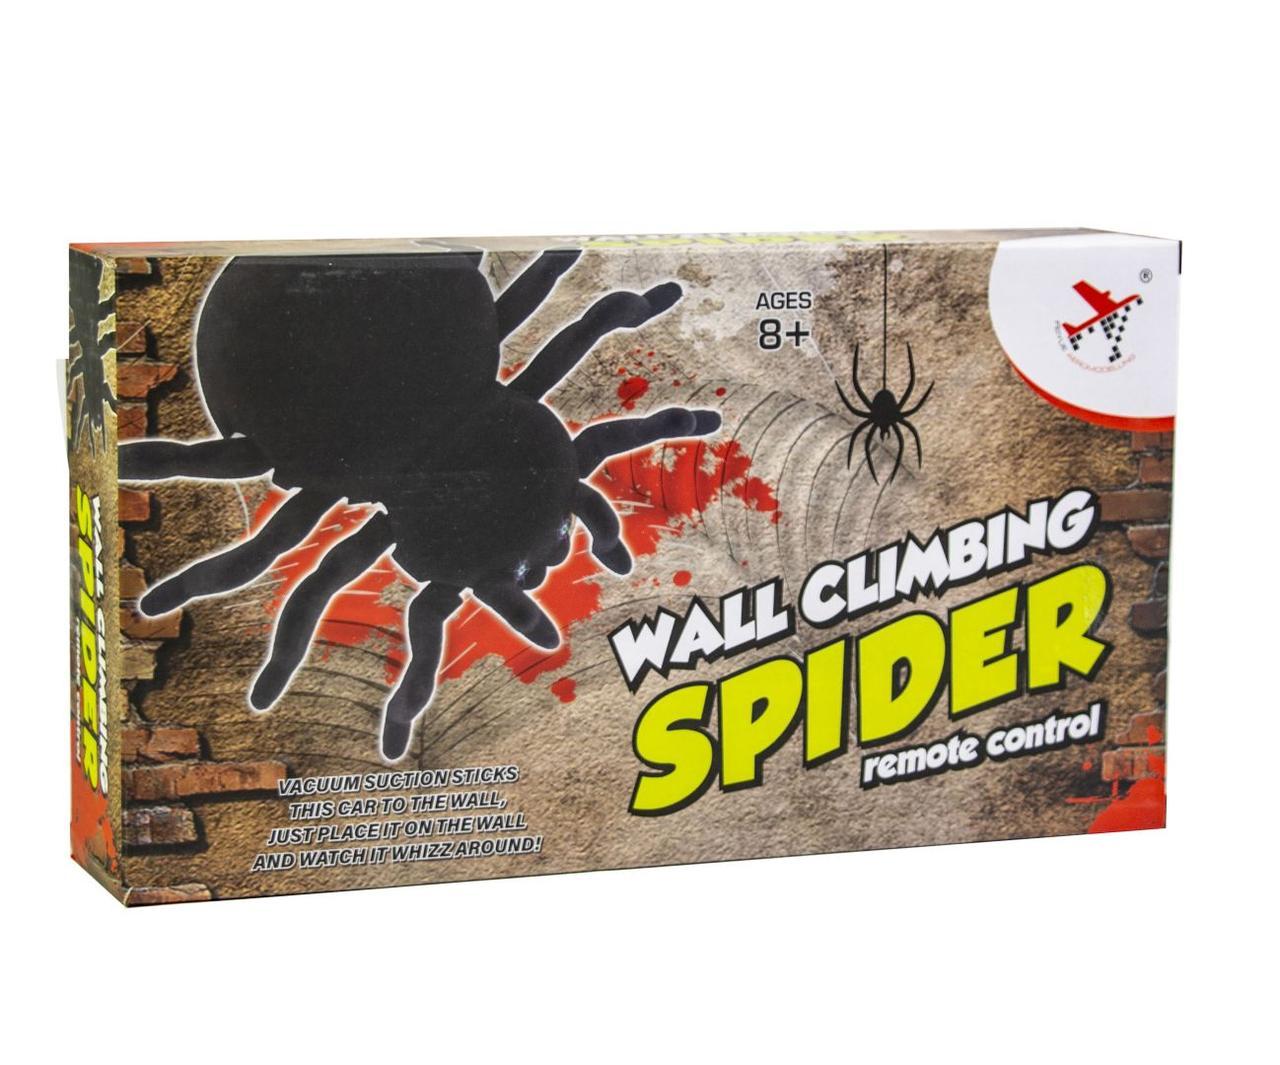 Радиоуправляемый паук, ползающий по стенам WALL CLIMBING SPIDER